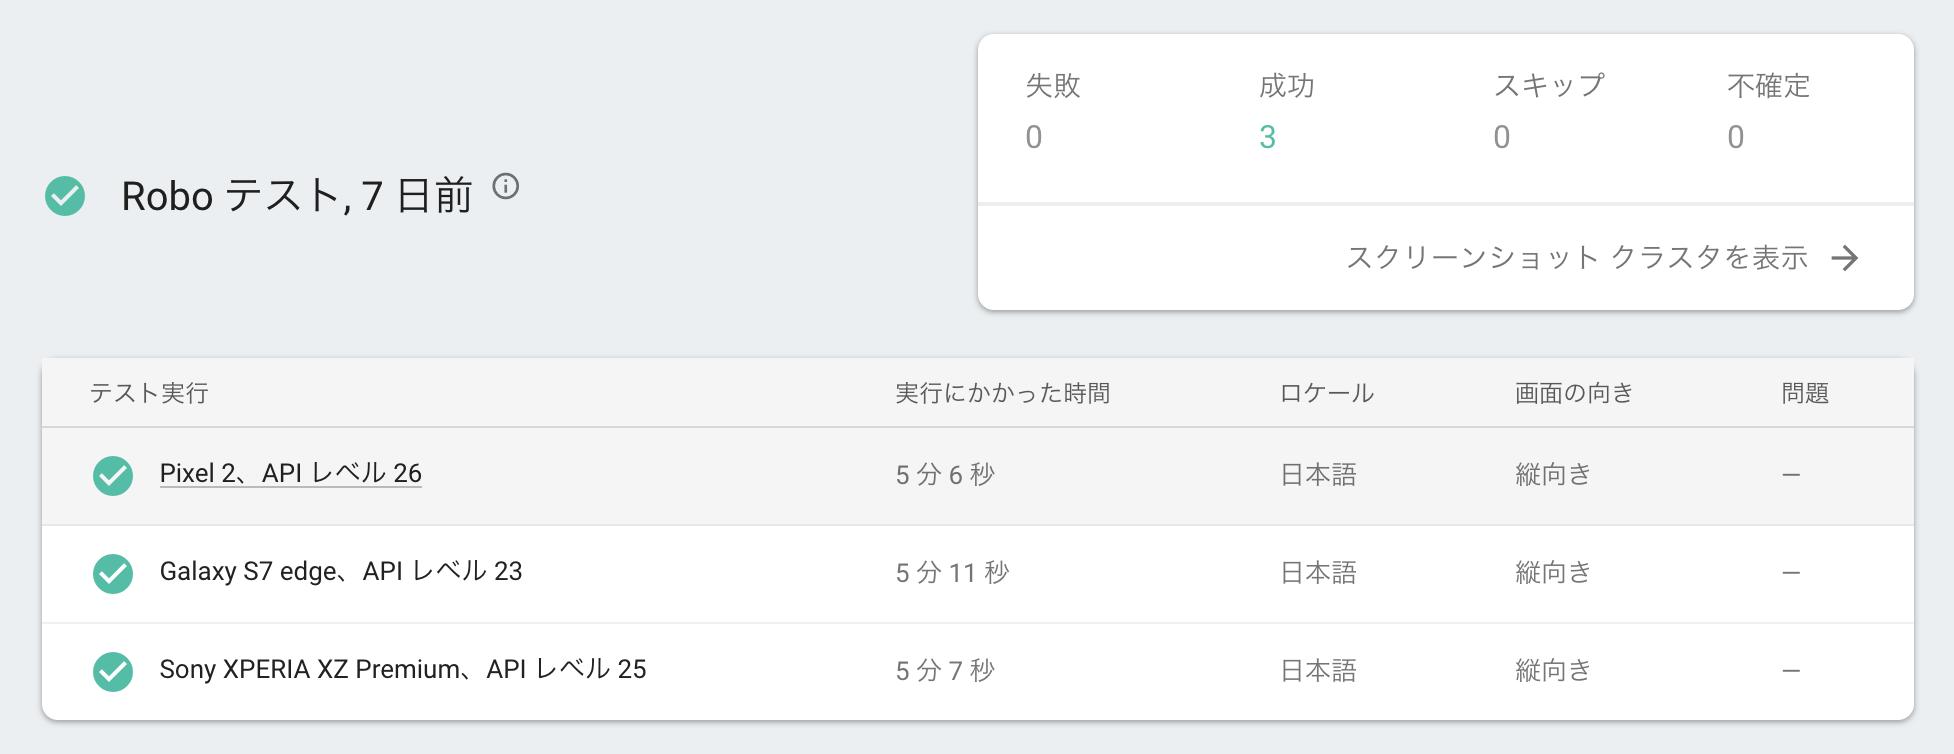 スクリーンショット 2018-10-12 10.35.48.png